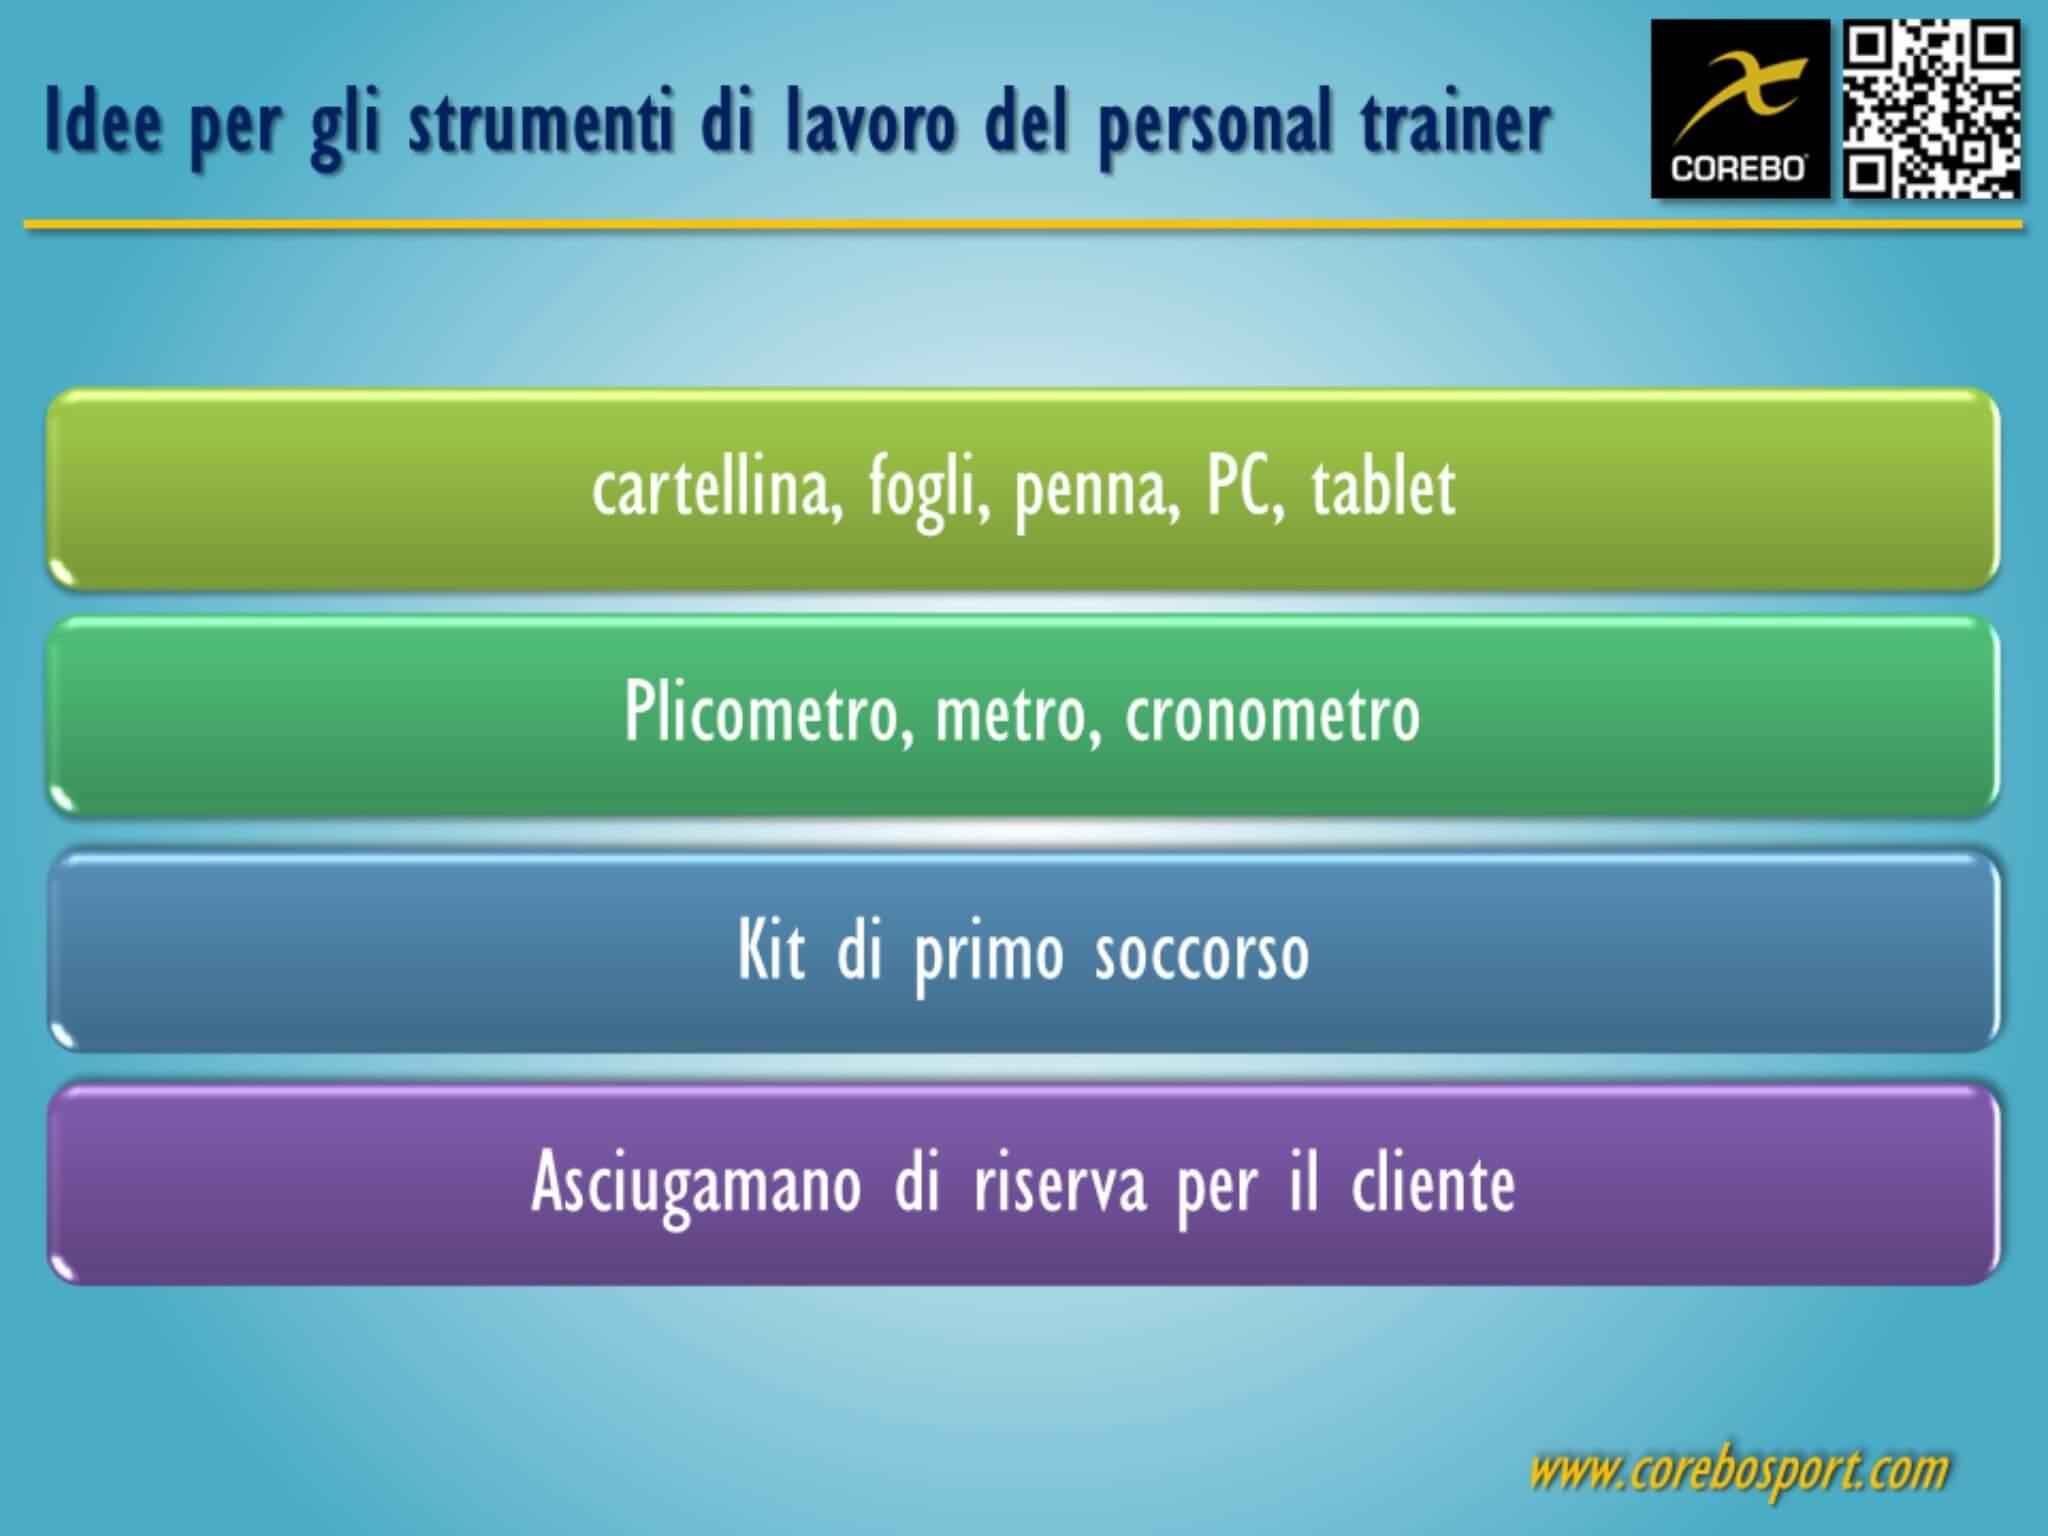 Il lavoro del personal trainer